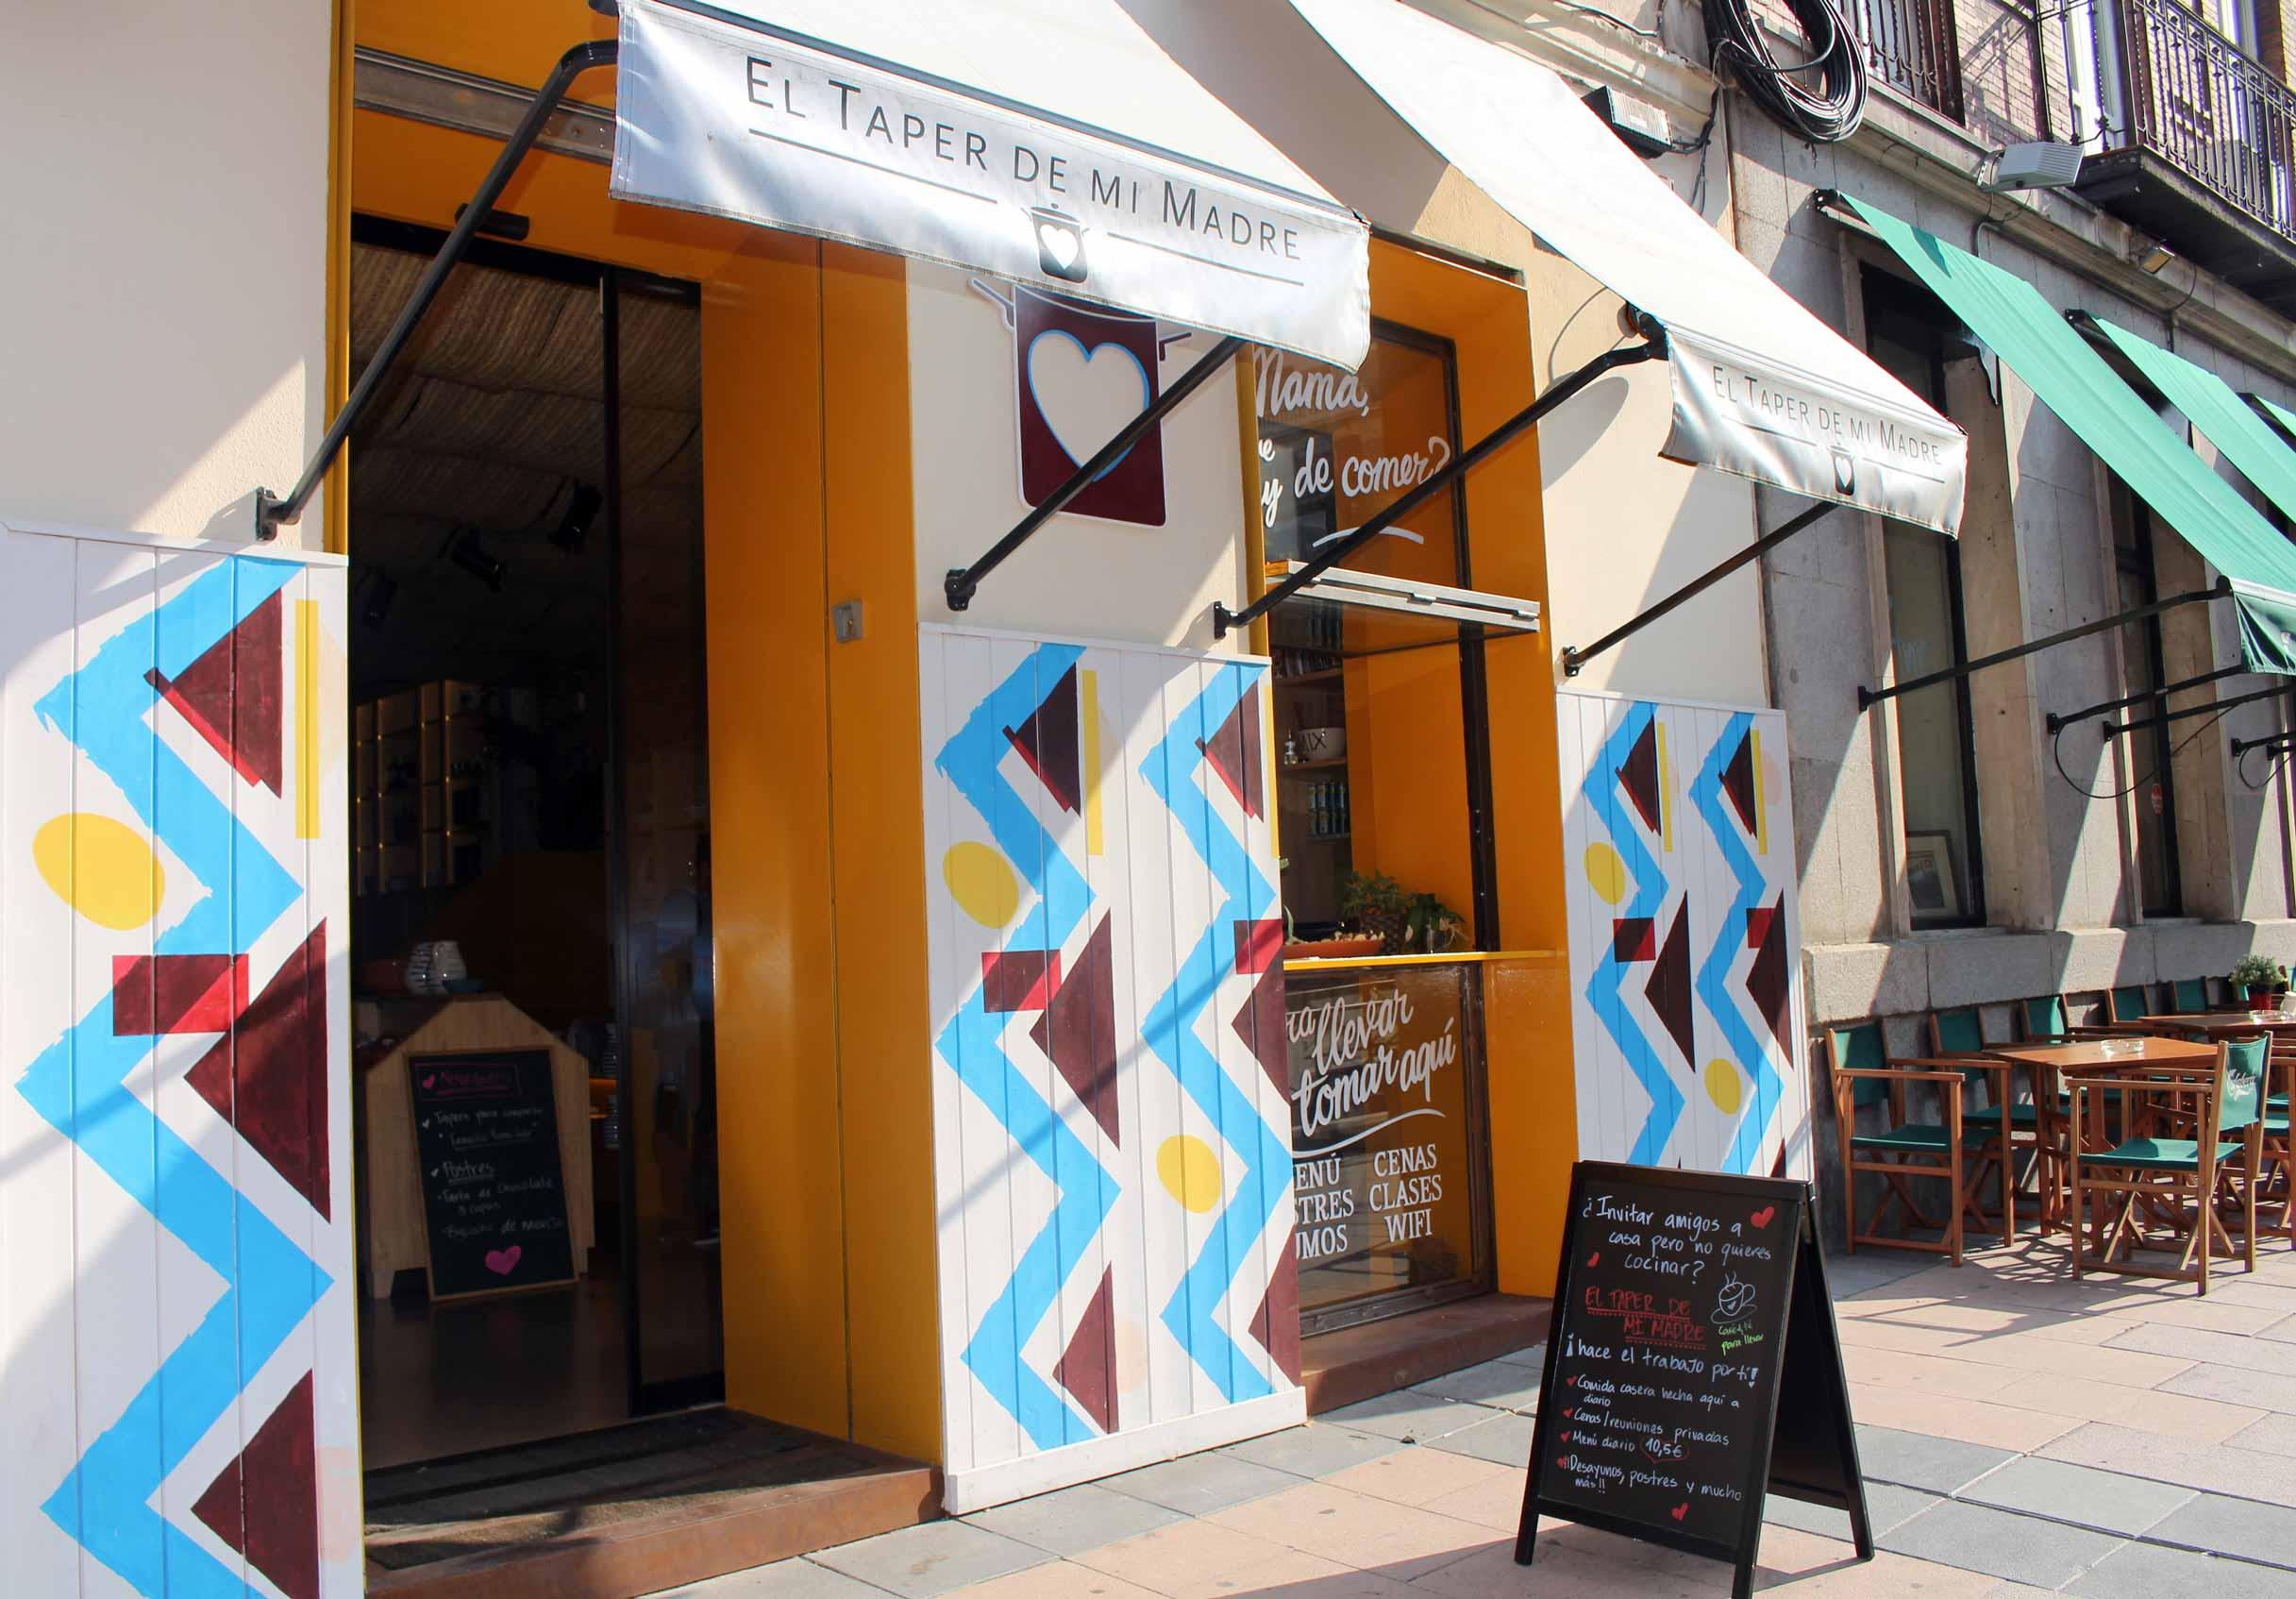 Fachada de la tienda El Taper de mi Madre.